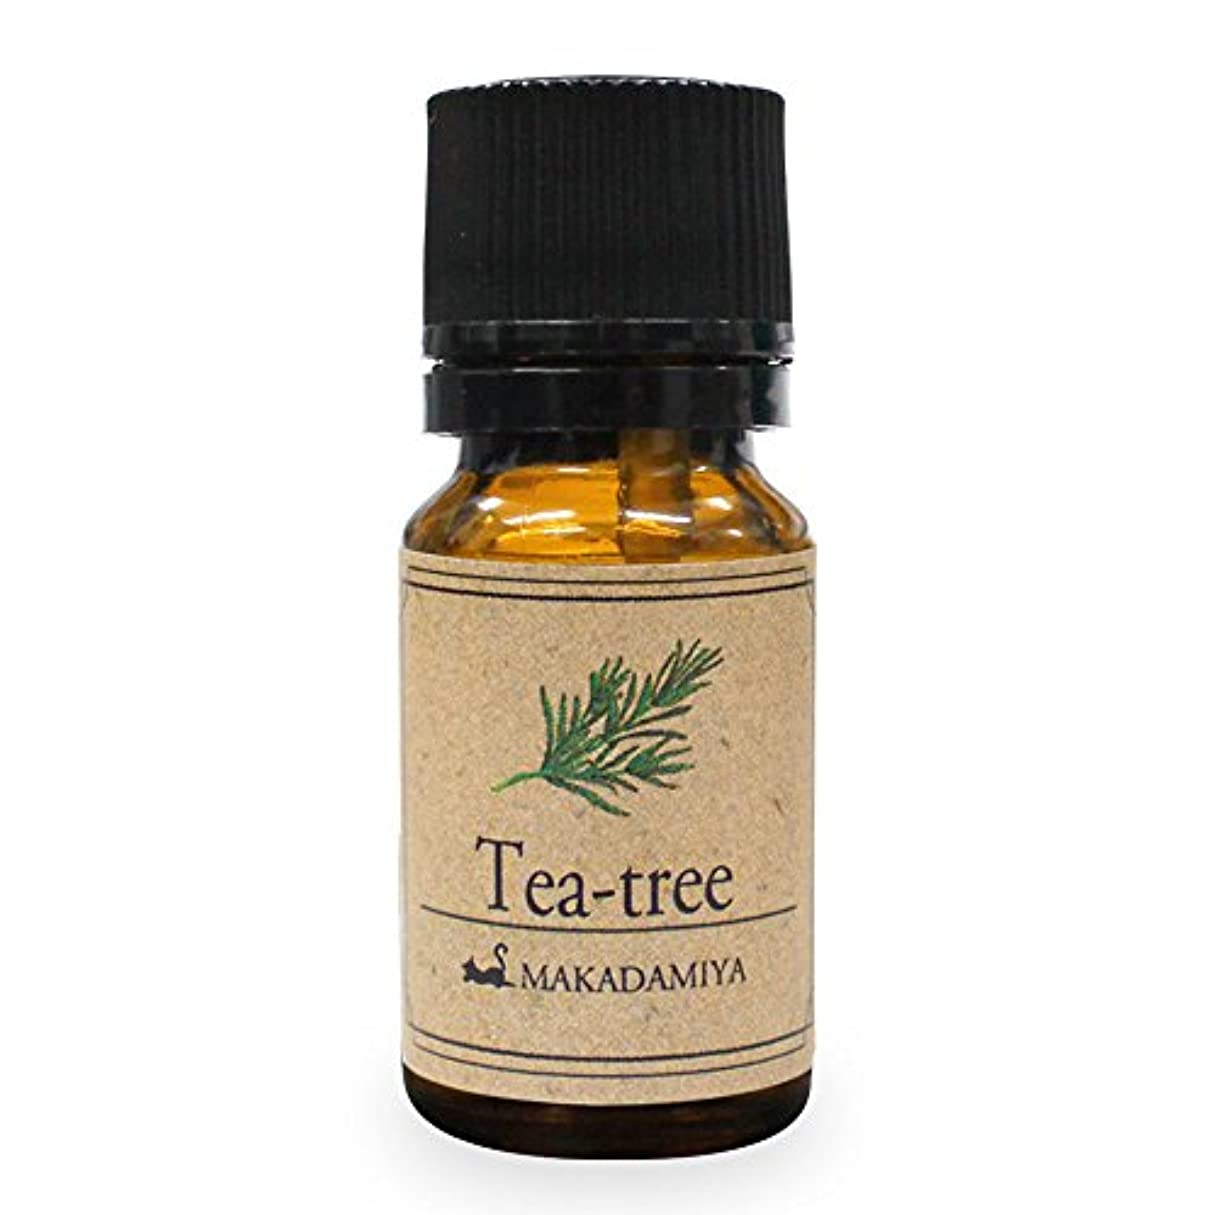 事件、出来事川経由でティーツリー10ml 天然100%植物性 エッセンシャルオイル(精油) アロマオイル アロママッサージ aroma Tea-tree